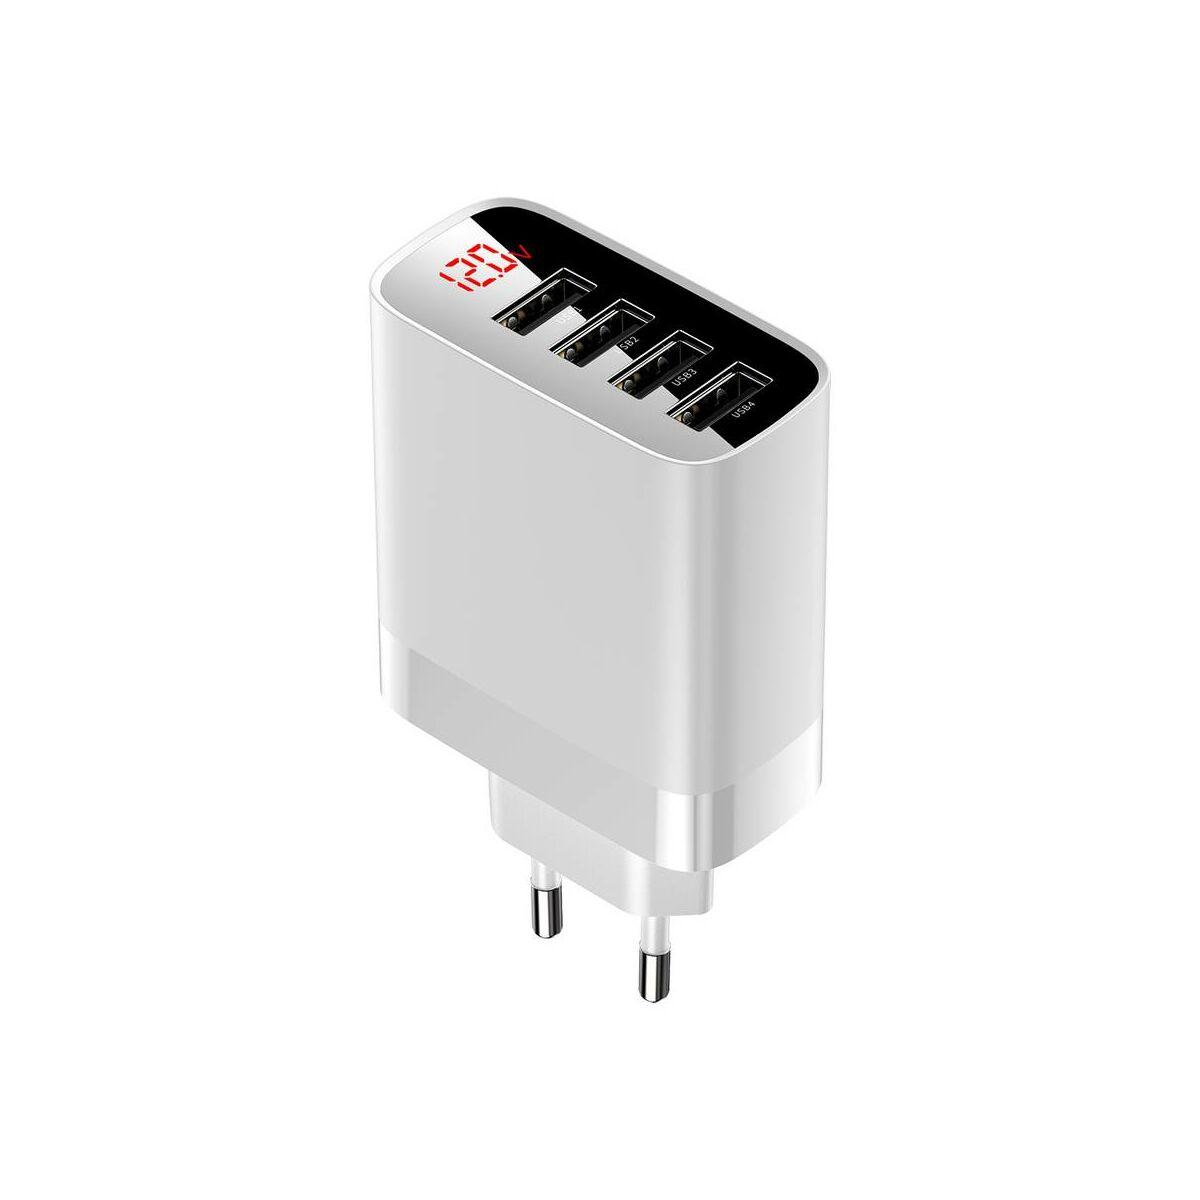 Baseus hálózati töltő, Mirror Lake digitális kijelzős 4xUSB 30W White (CCJMHB-B02)